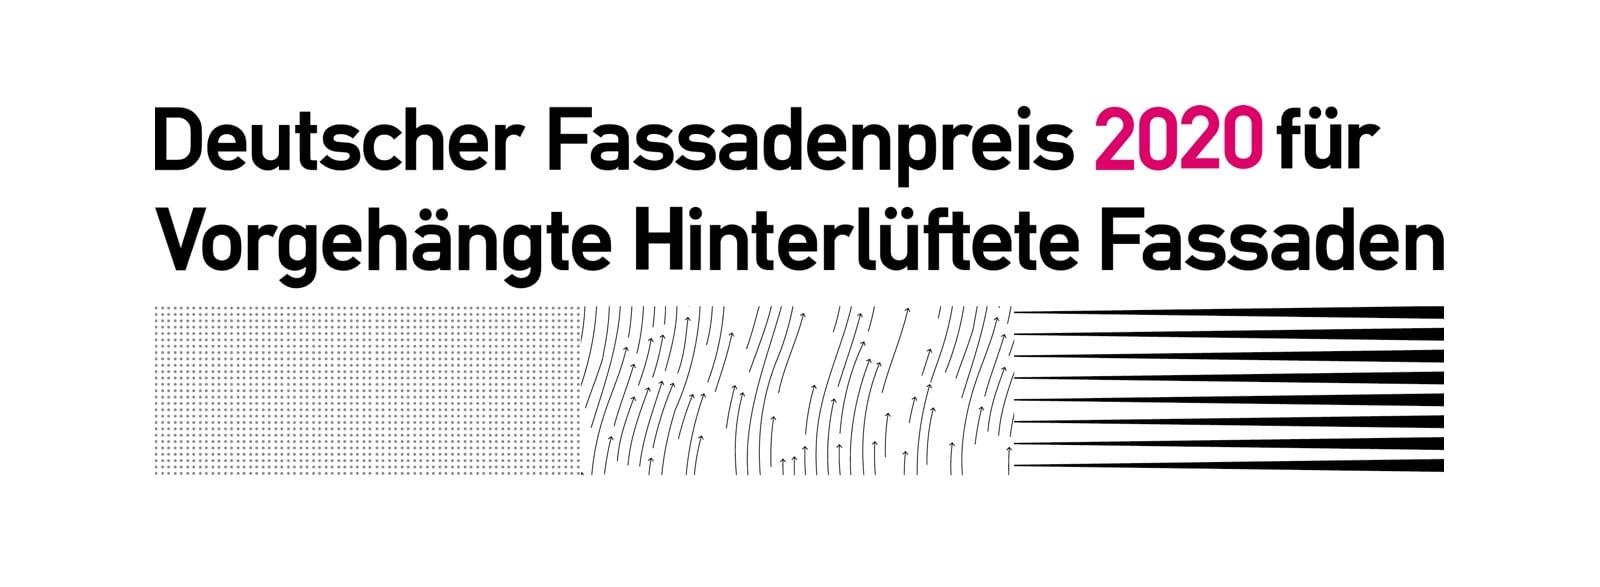 Deutscher Fassadenpreis 2020 für Vorgehängte Hinterlüftete Fassaden (VHF) ausgelobt (Grafik: FVHF)